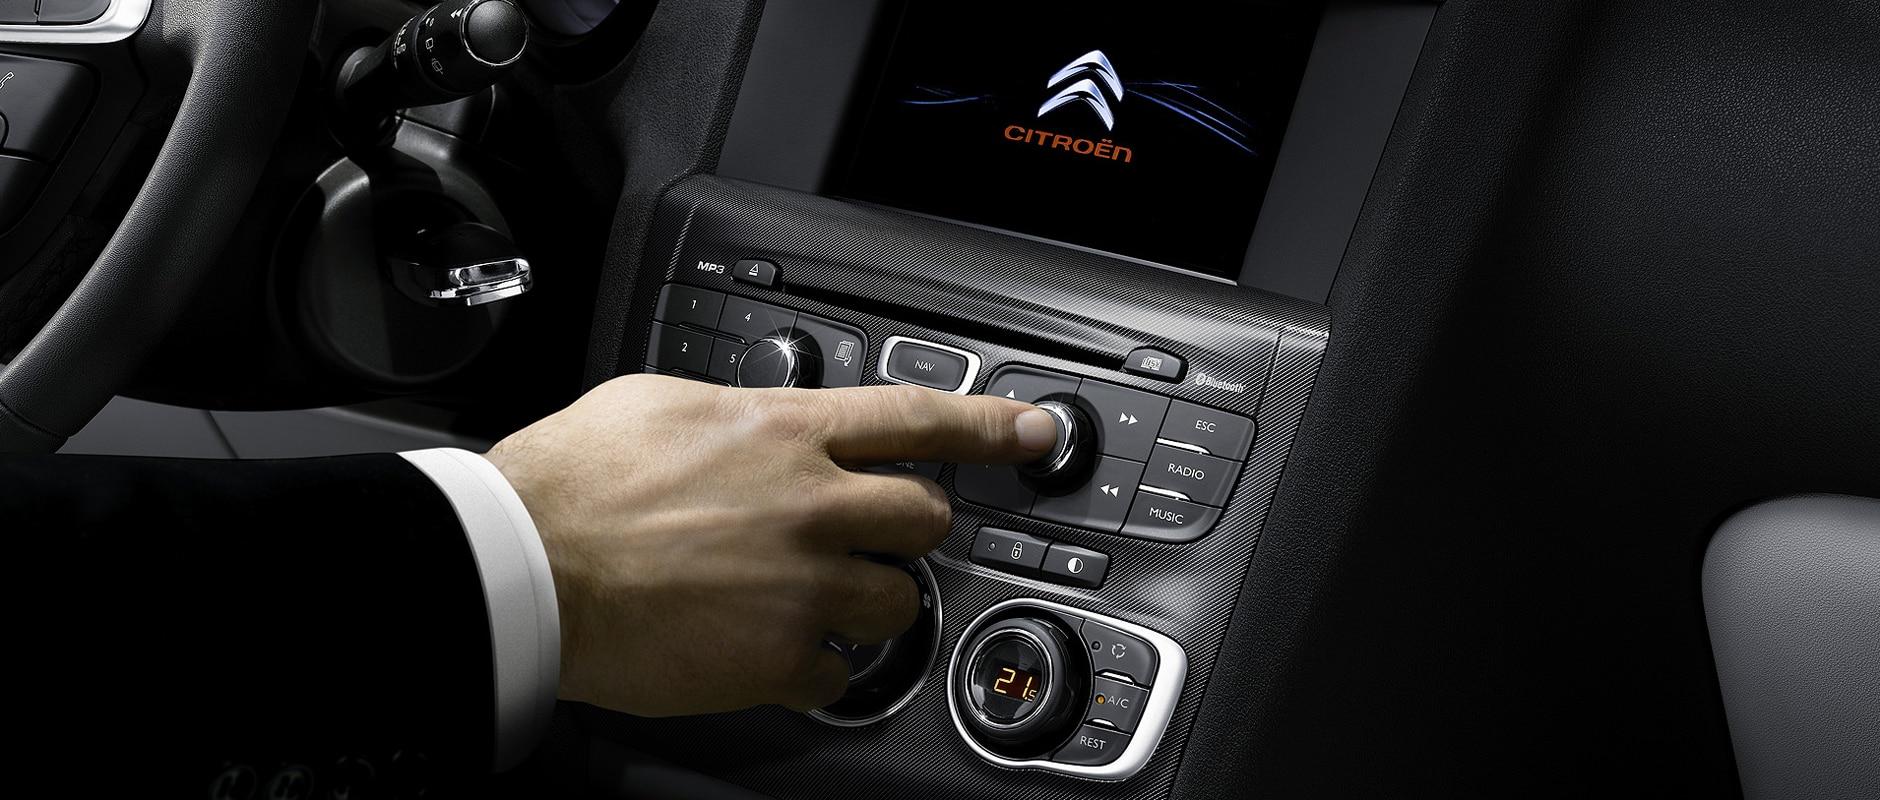 Citroën C4 - détails - Style